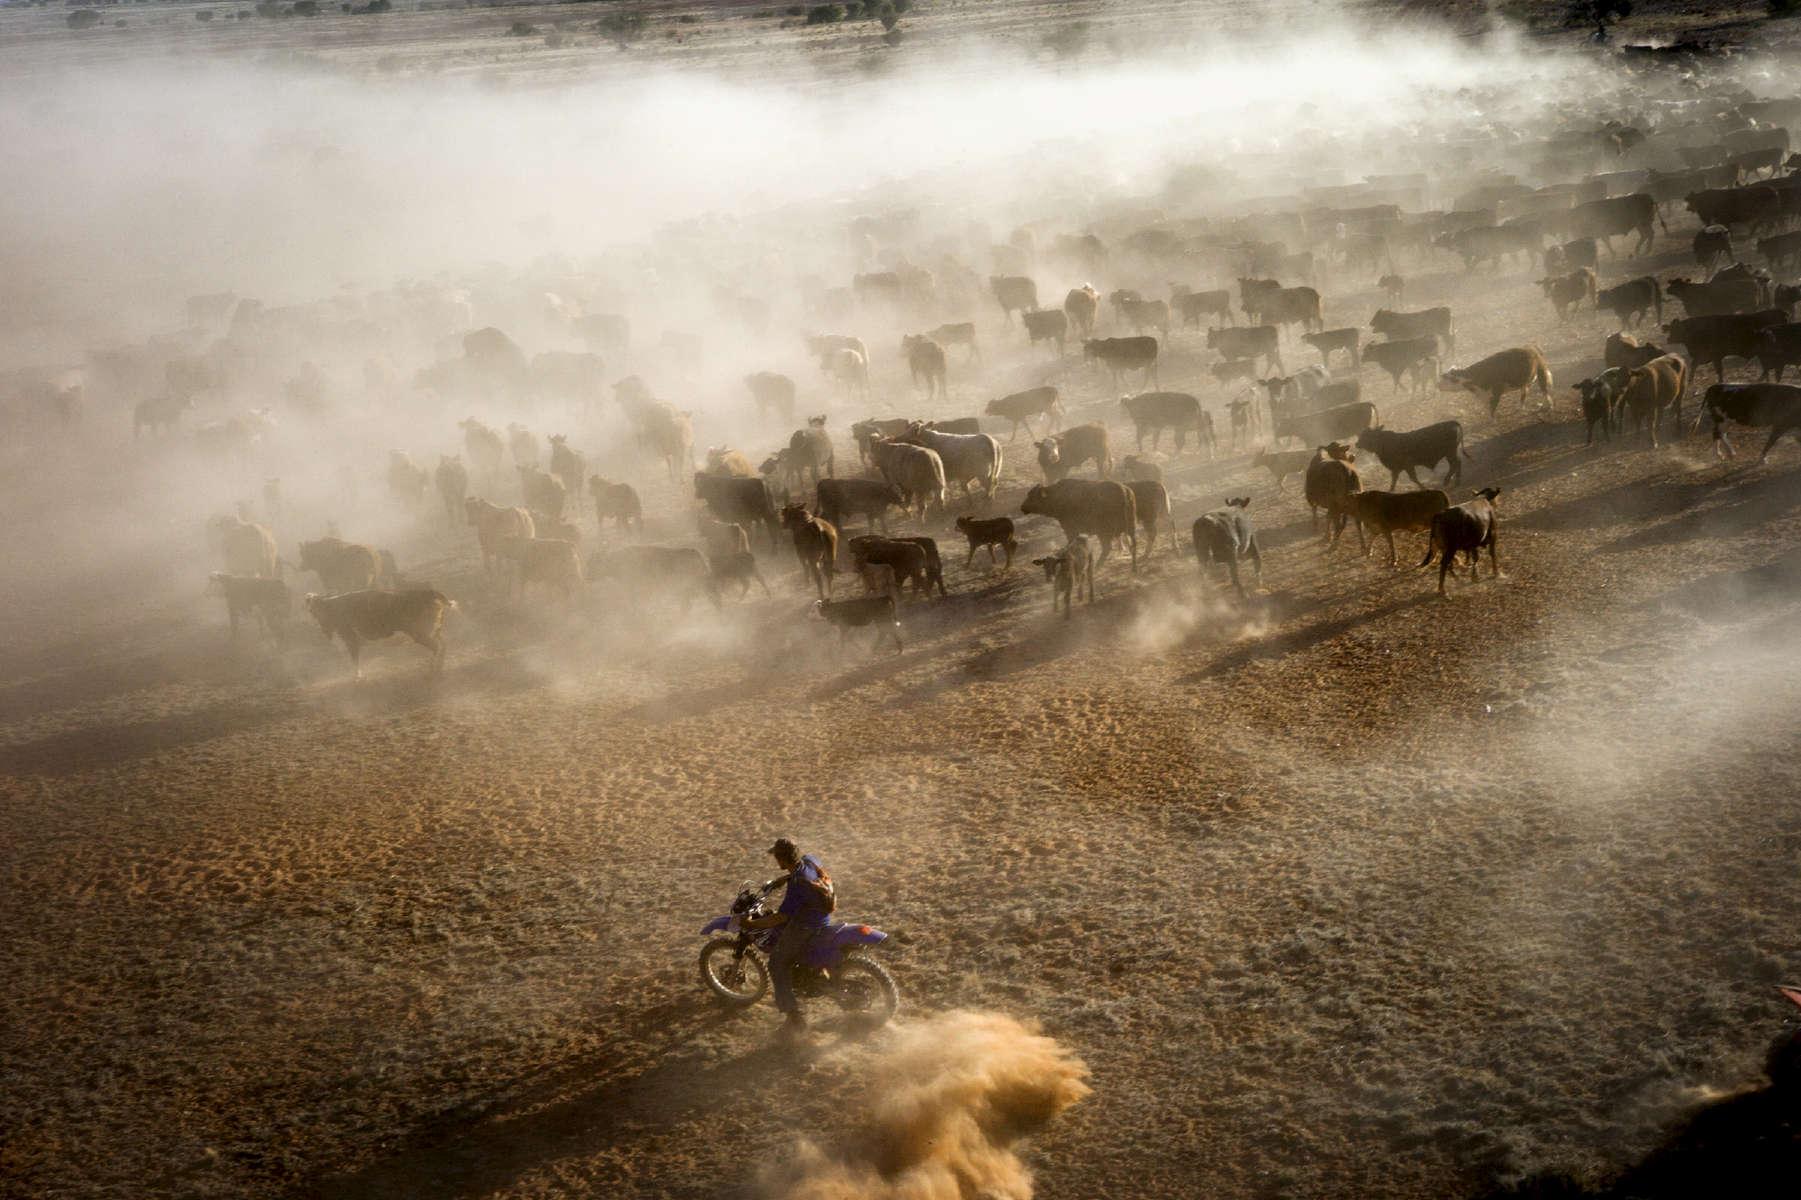 Encerclé par les motos, les voitures et les hélicoptères, le troupeau de 2500 bêtes se dirige vers le lieu de parcage. TN,  Australie, 2011.